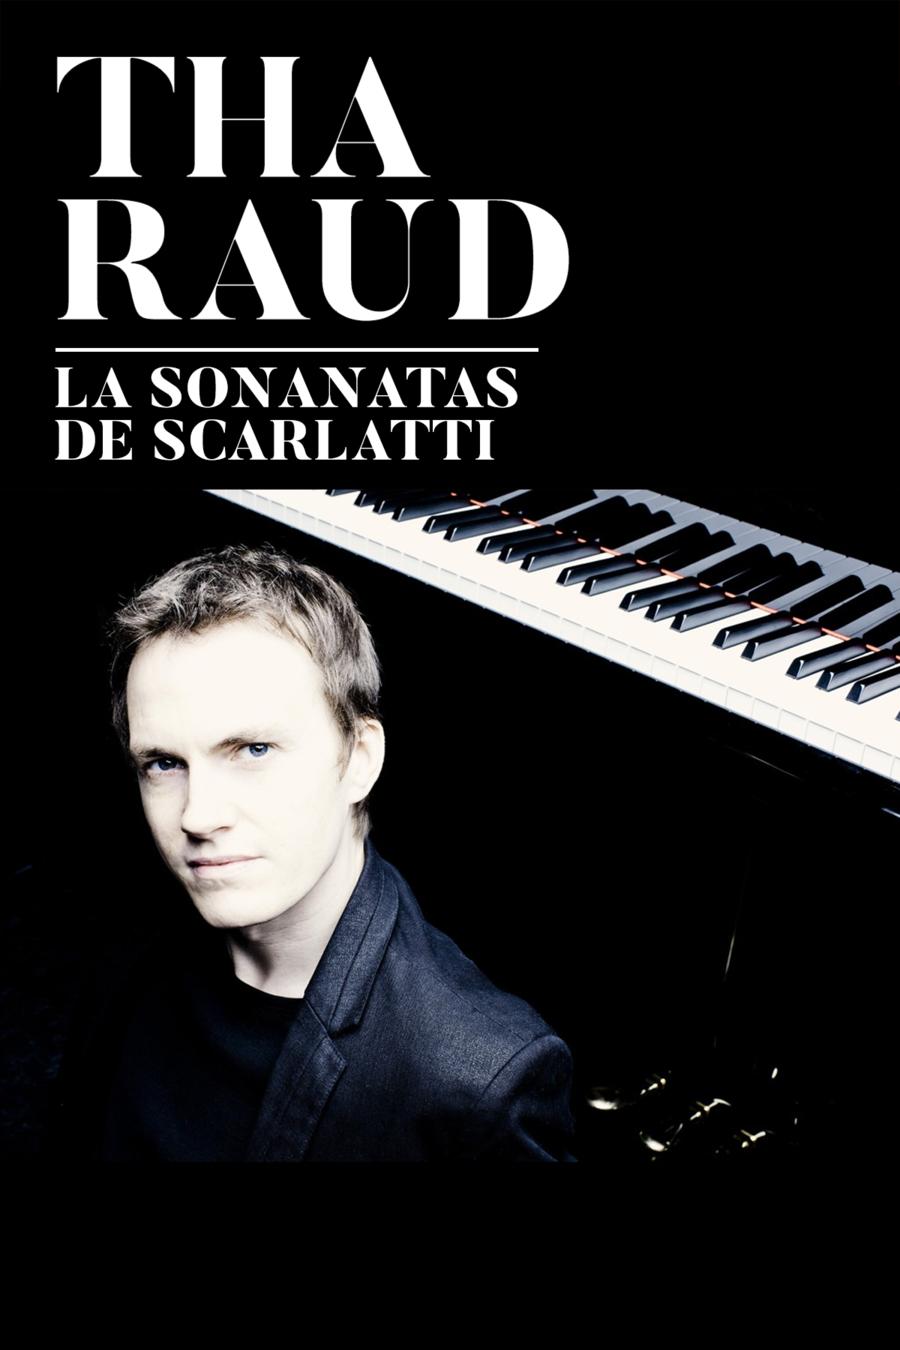 Les sonates d'Scarlatti